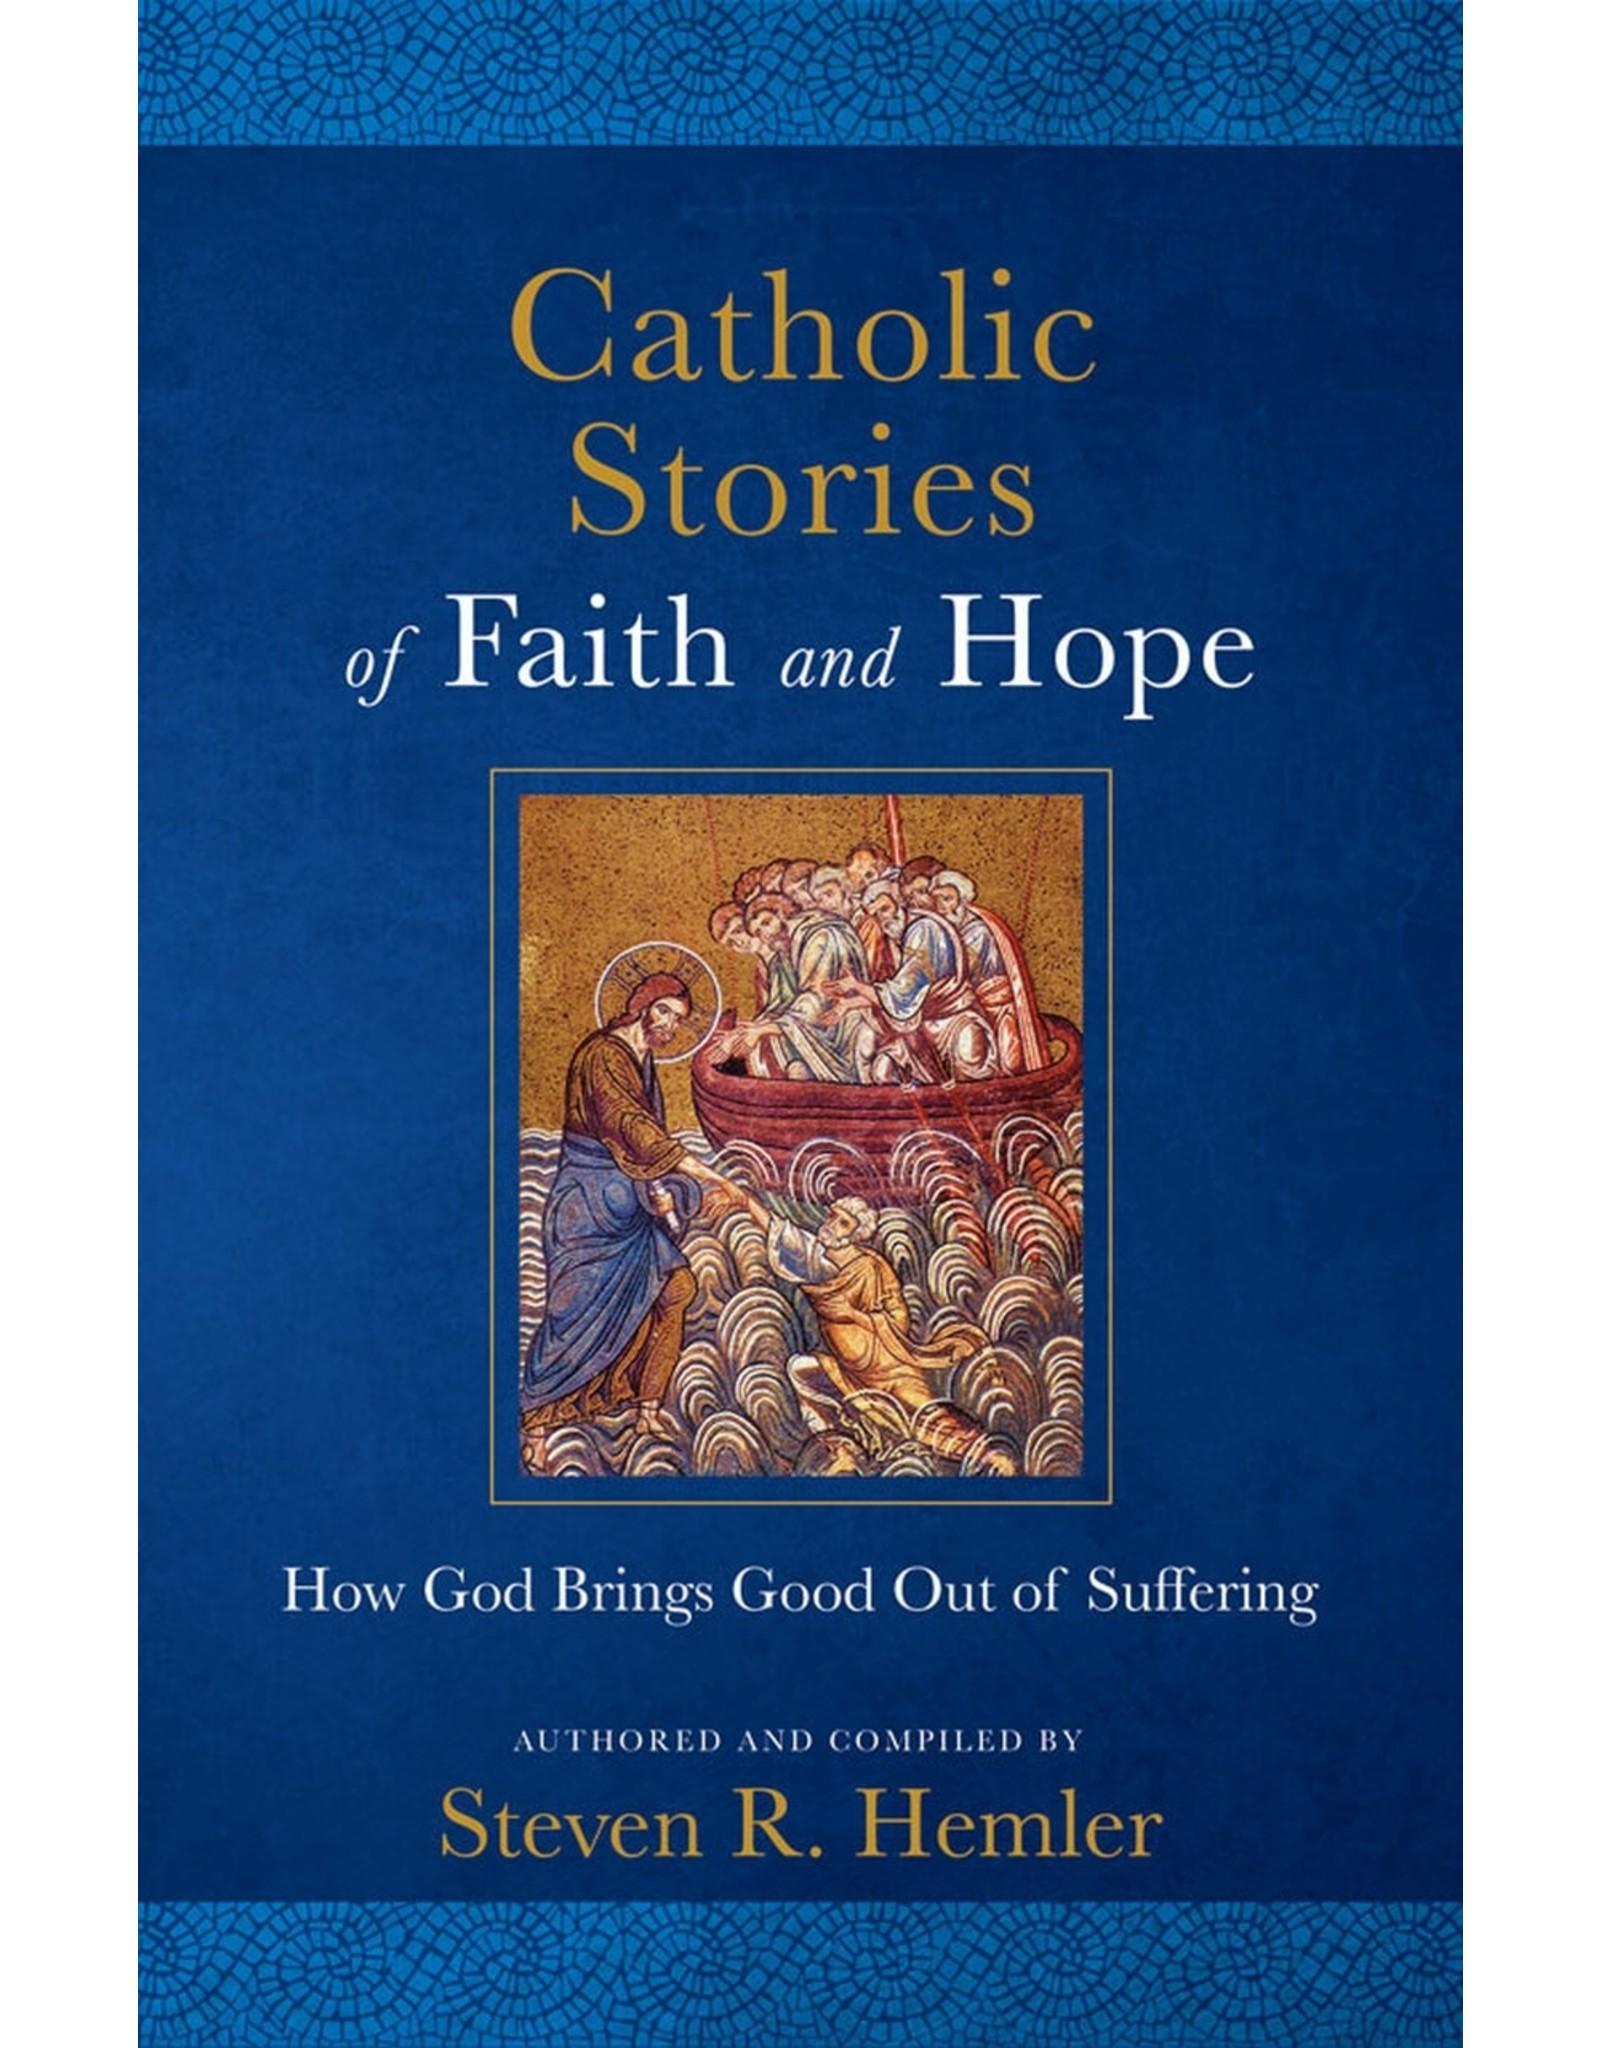 Catholic Stories of Faith & Hope